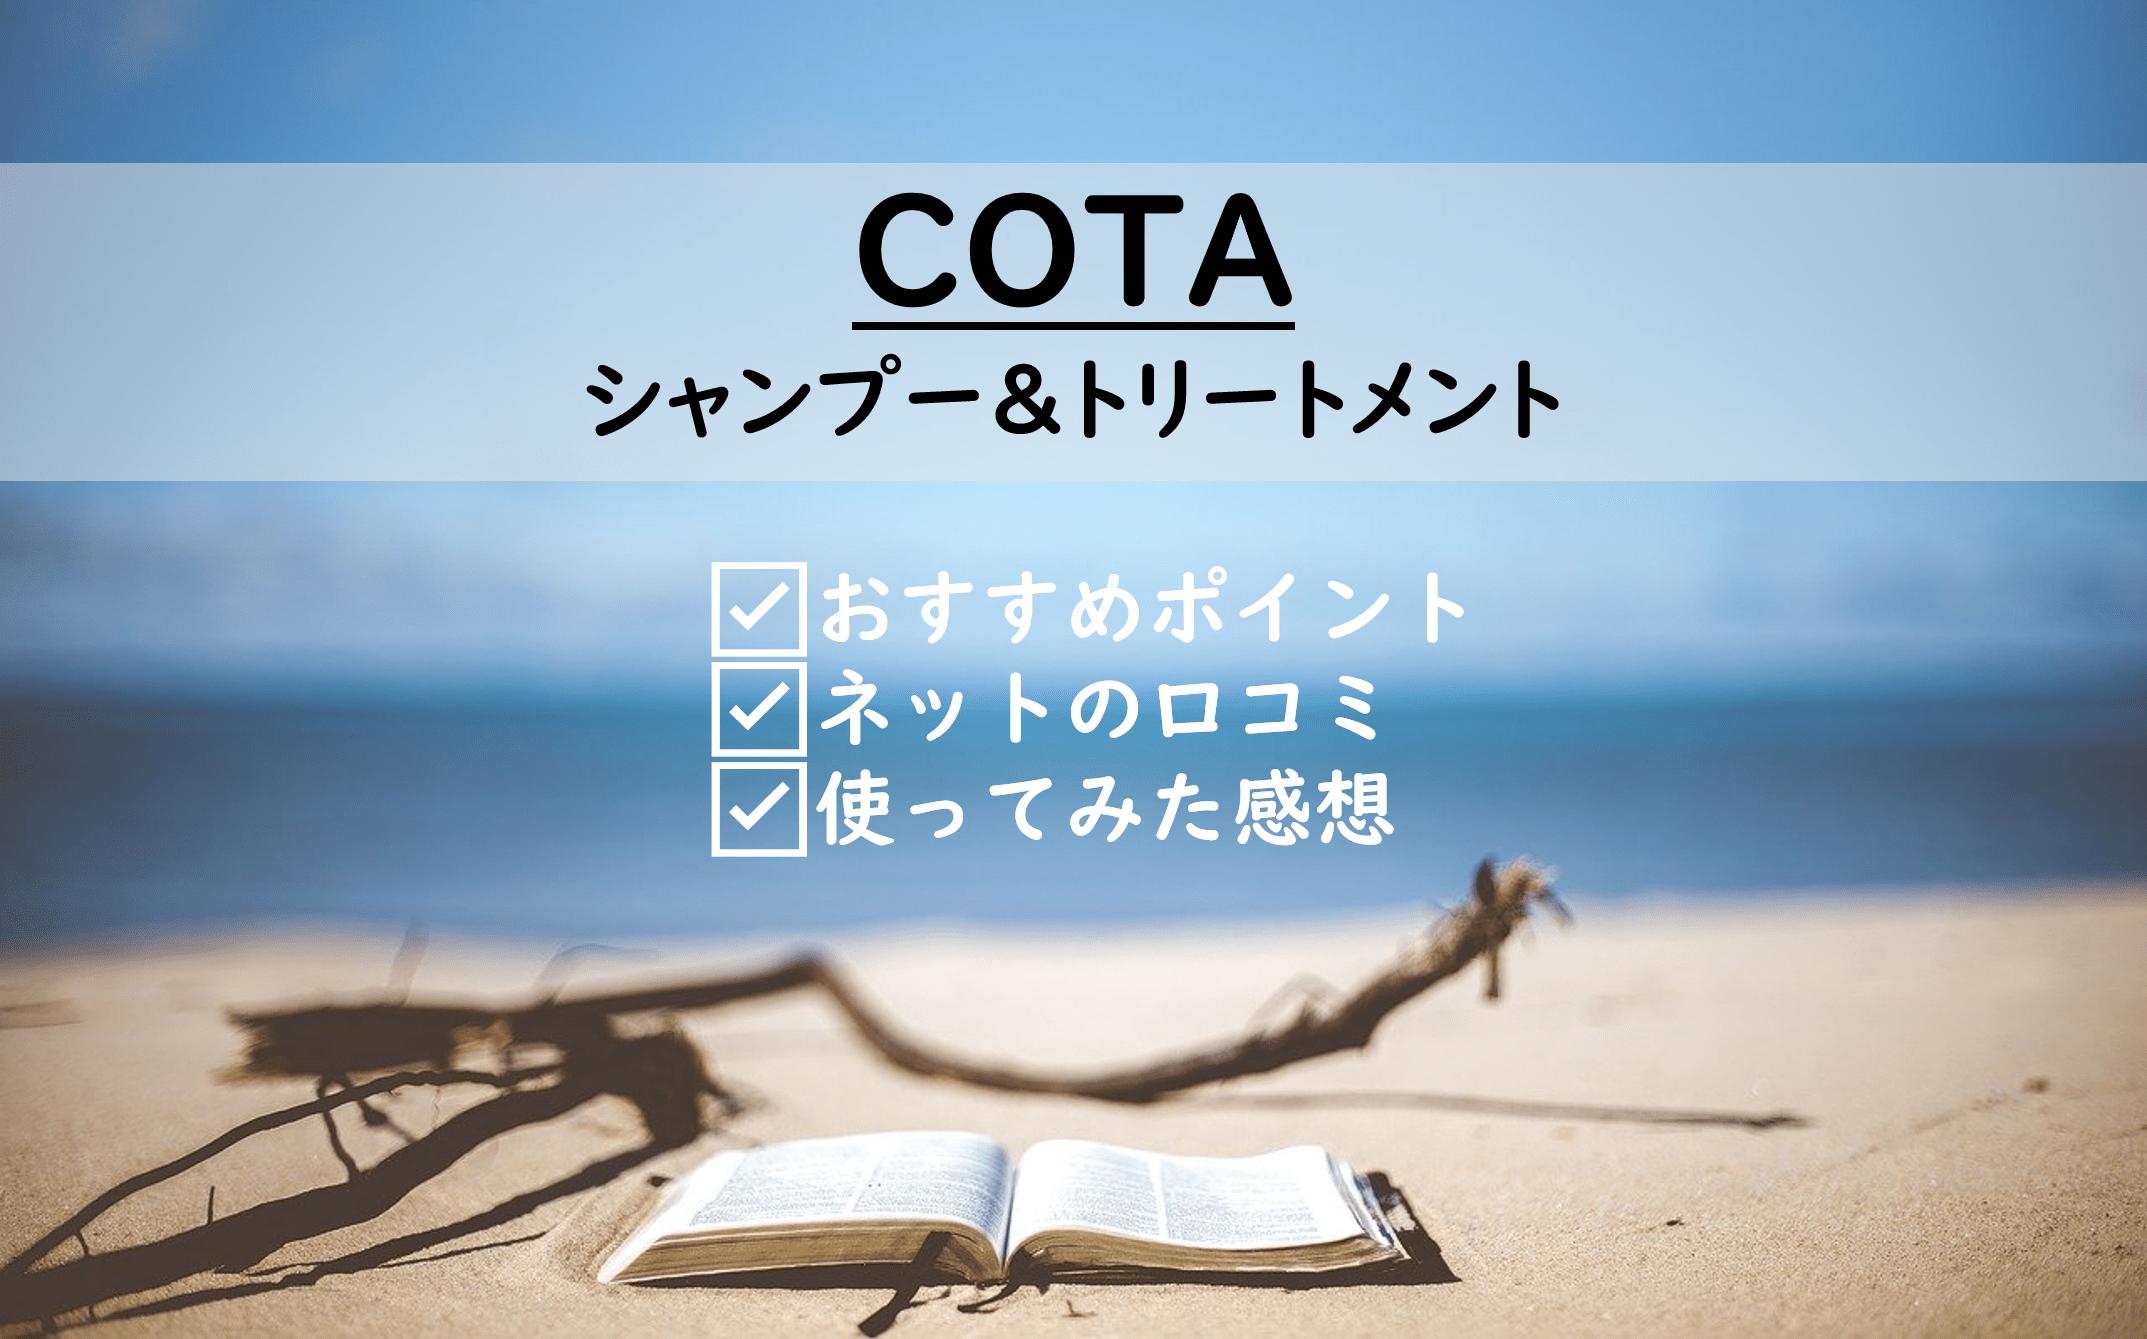 Cota シャンプー